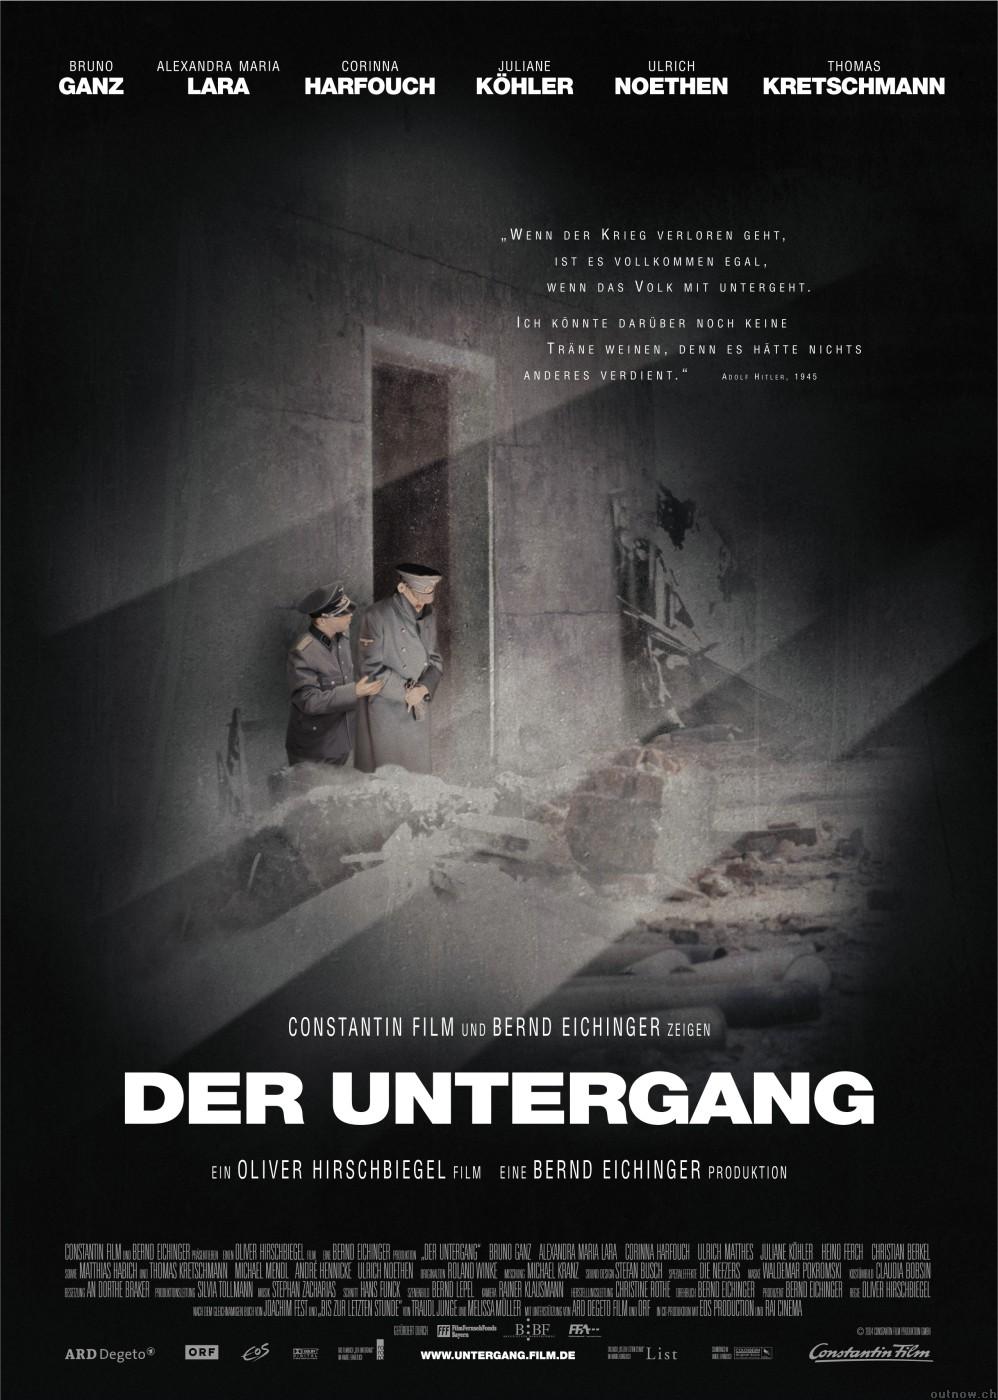 Der Untergang Movie4k